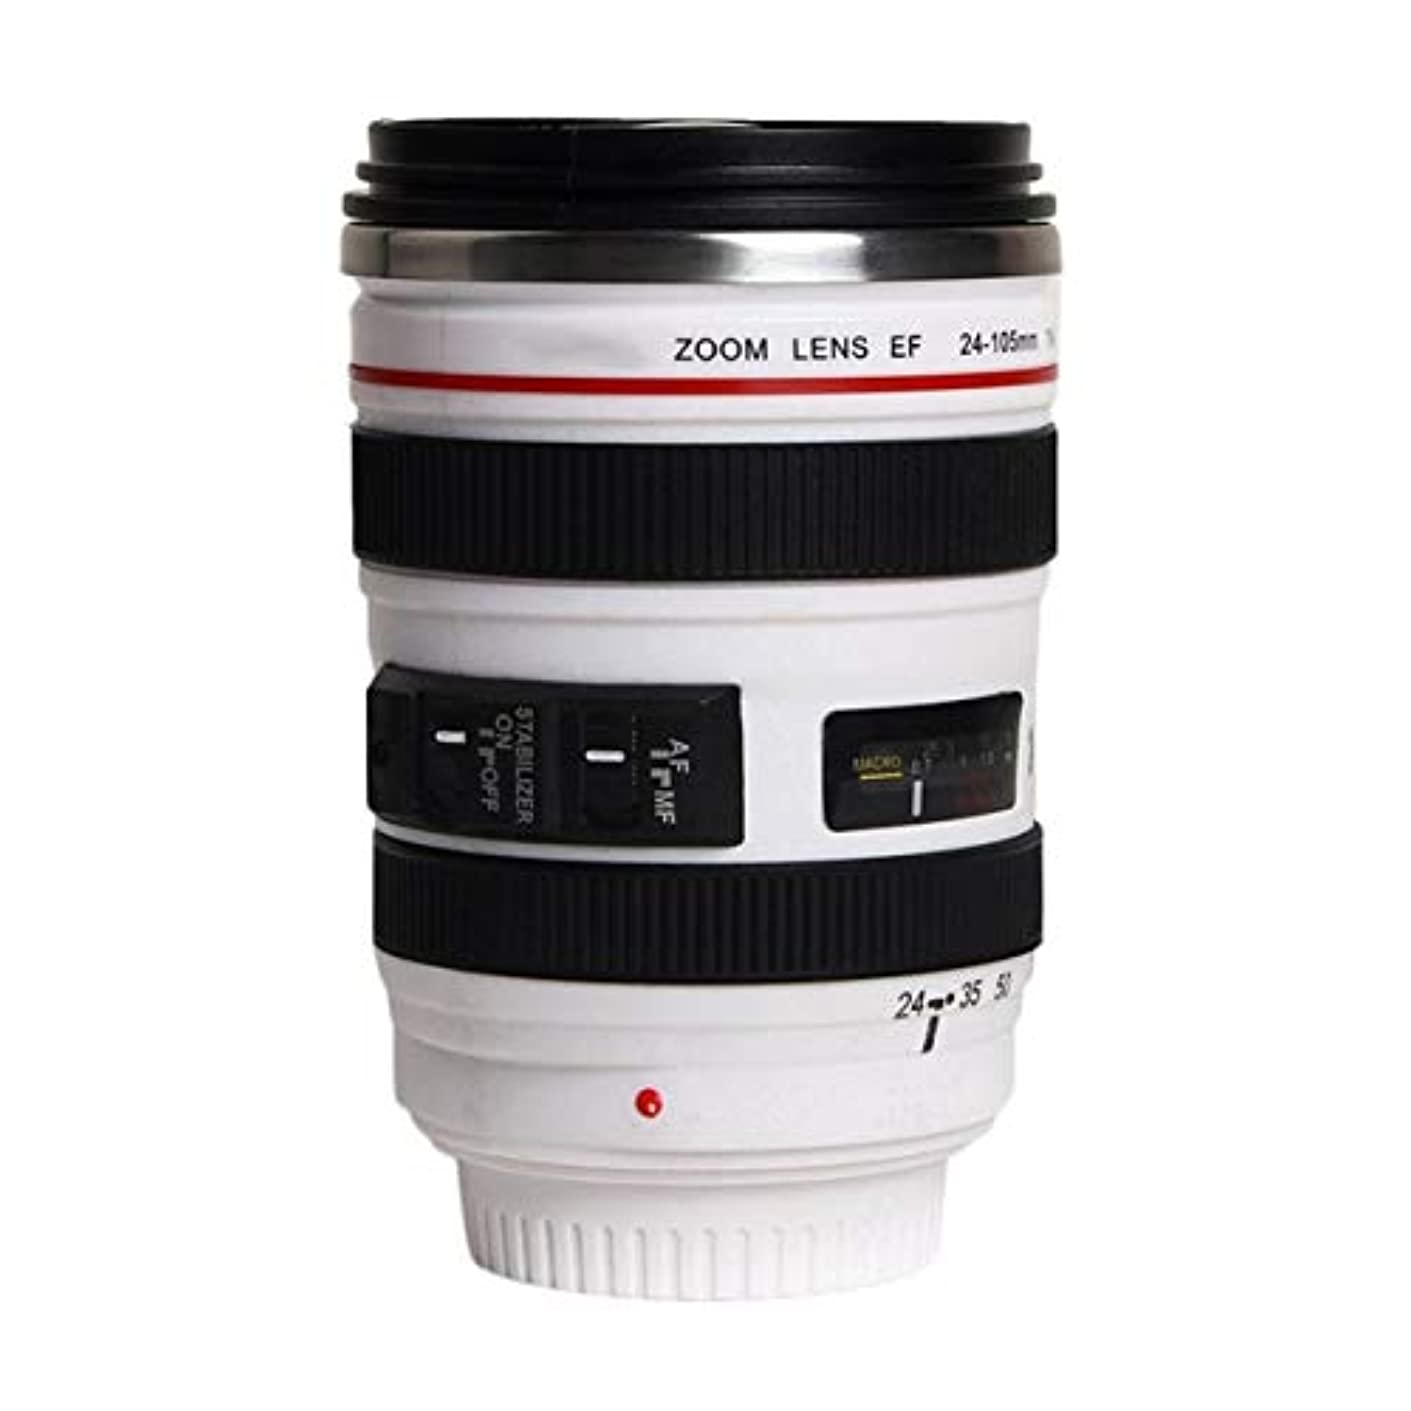 偏見溝閉塞Saikogoods ファッション1PCS耐久DIYステンレス鋼真空フラスコ旅行コーヒーマグカップ水コーヒーティーカメラレンズカップのふたギフト付き 白